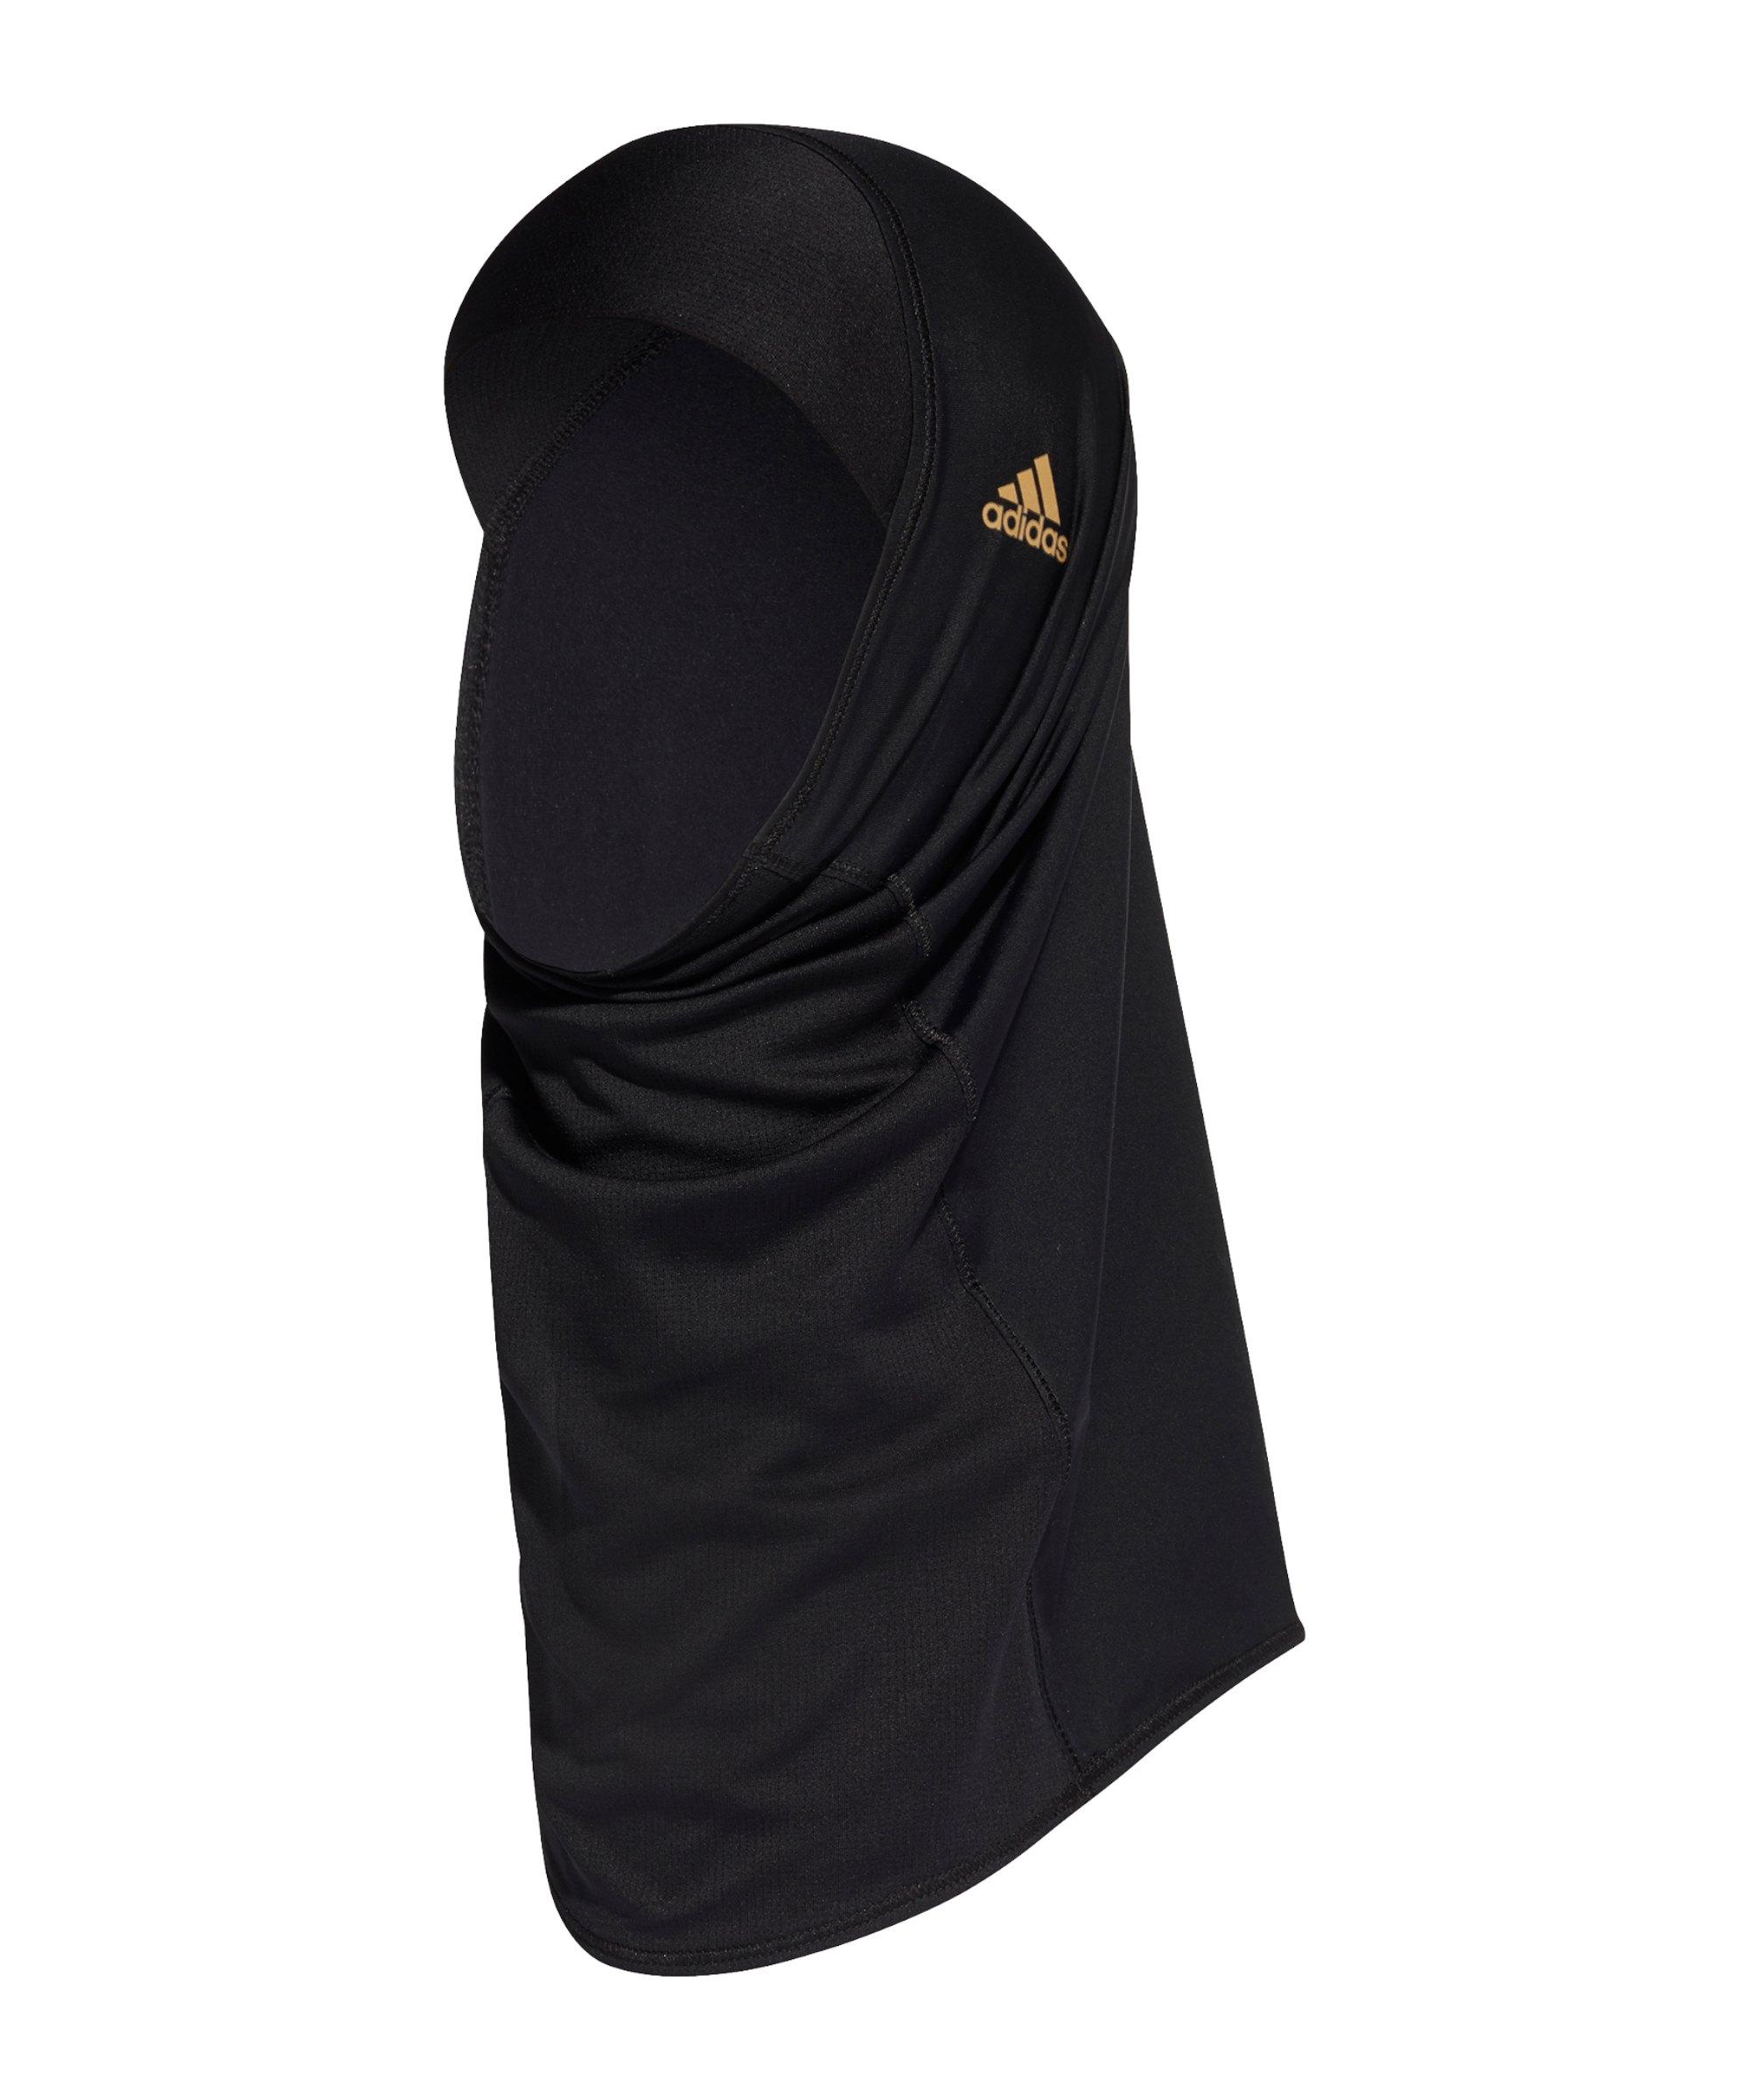 adidas Hijab II Kopftuch Running Damen Schwarz - schwarz